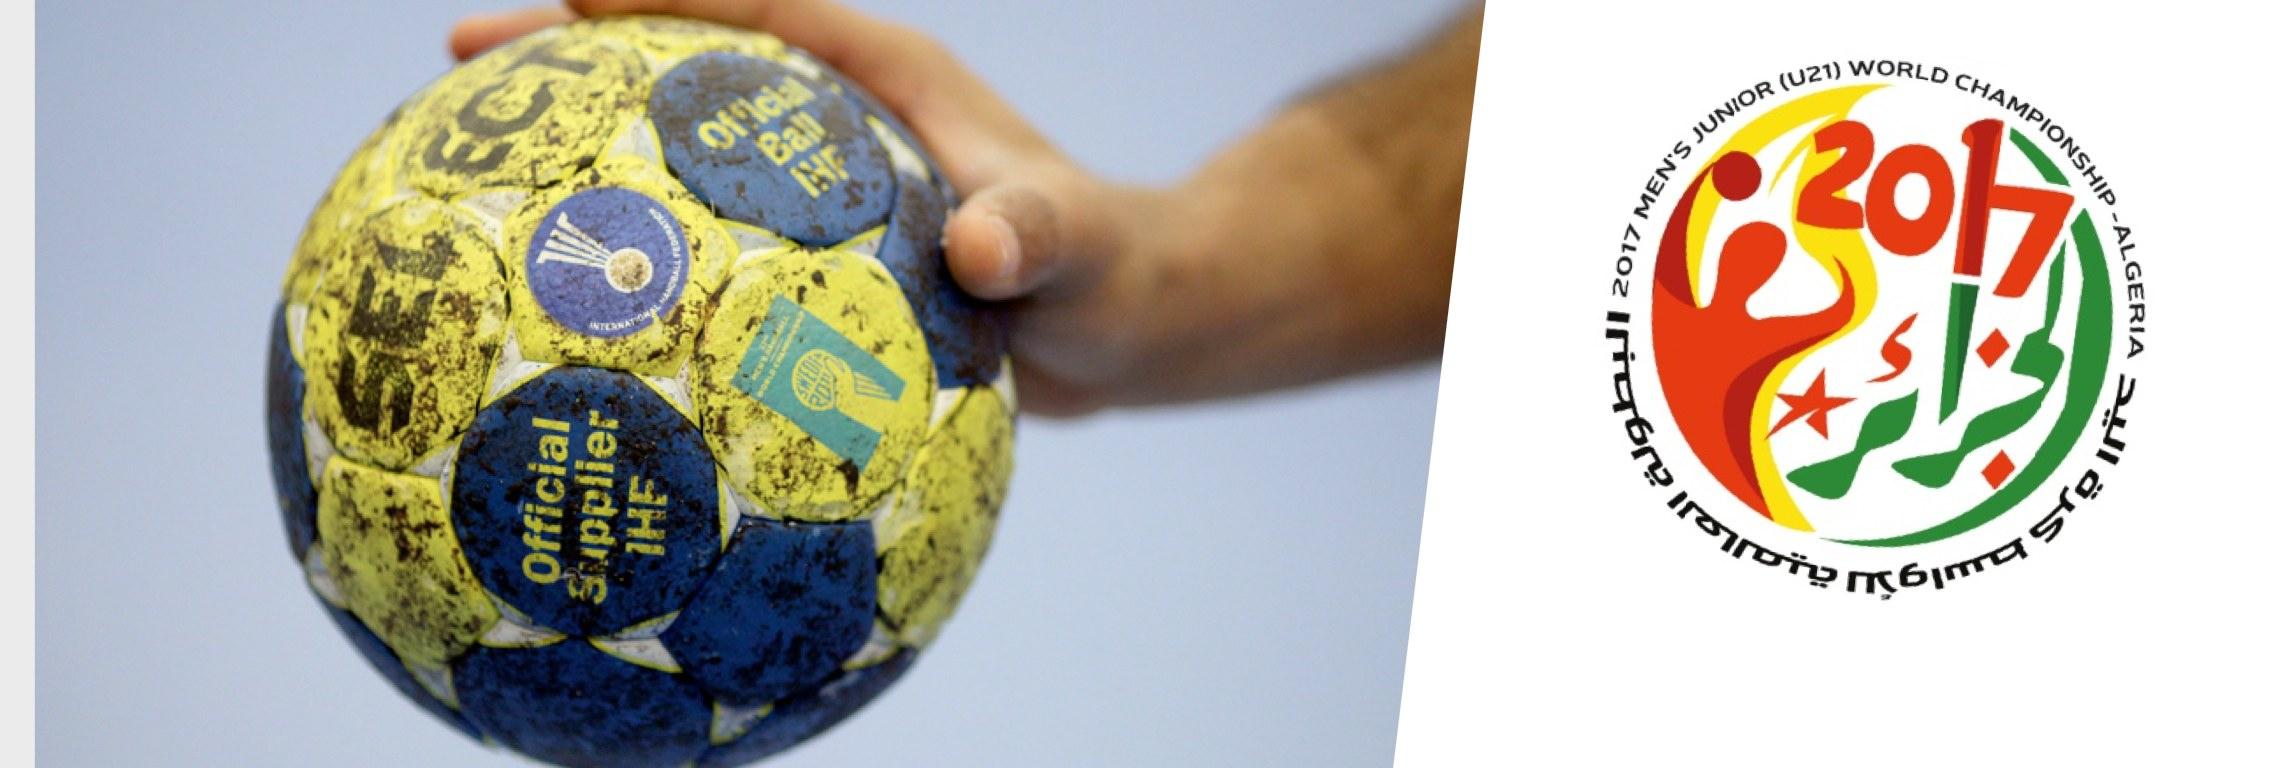 slider handball U21 algeria